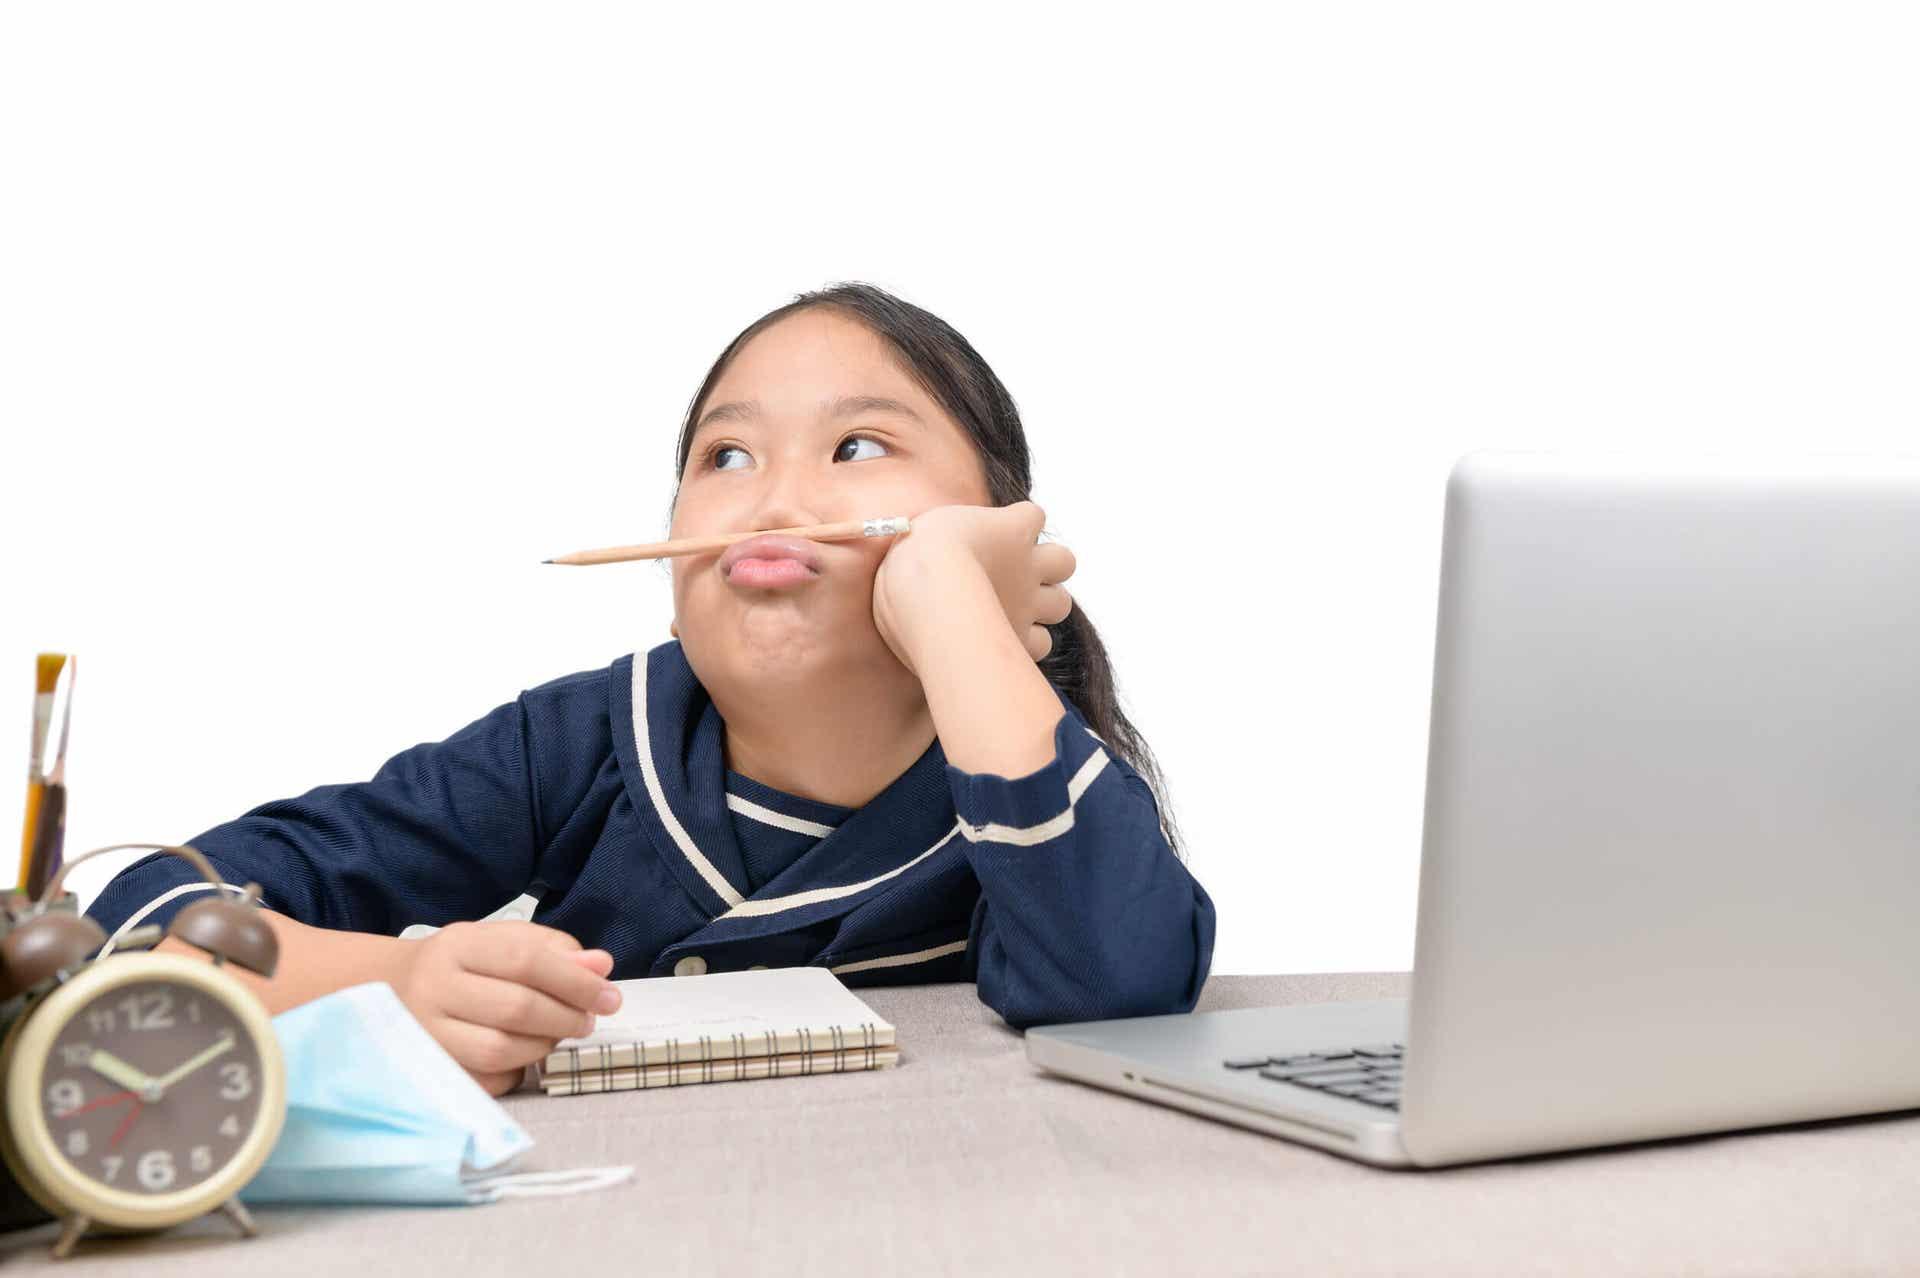 Een meisje zit op een laptopcomputer, kijkt weg en speelt met een potlood.